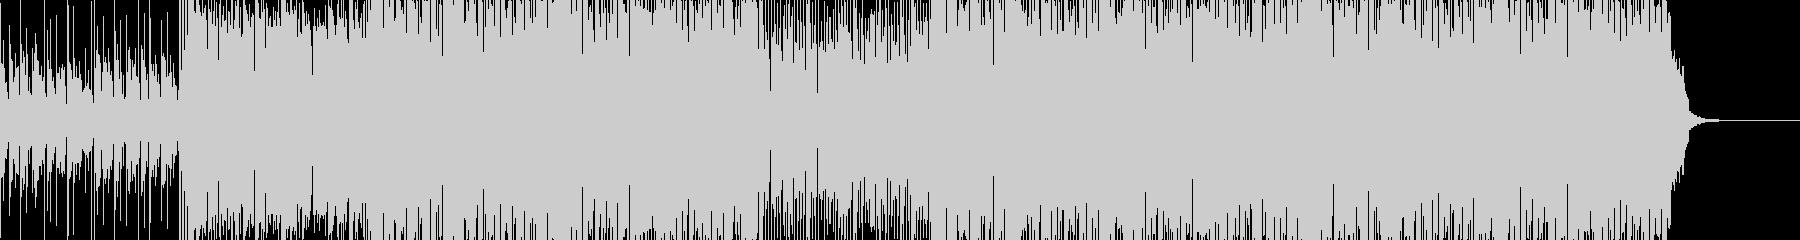 スピード感あるおしゃれなハウス系BGMの未再生の波形